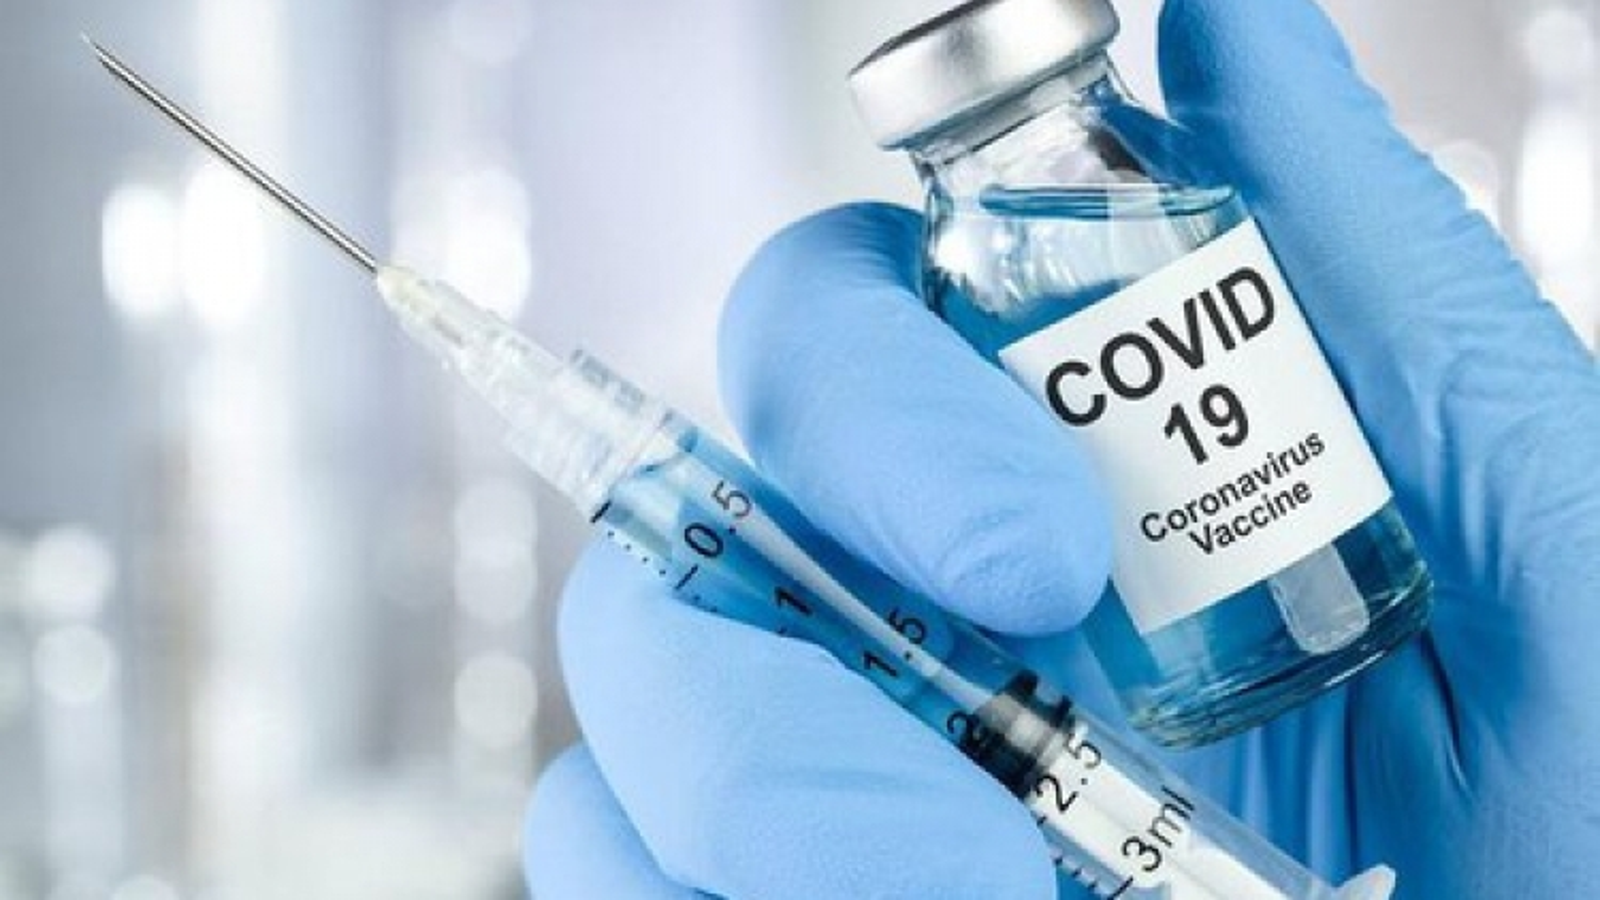 Tiêm vaccine tăng cường – chìa khóa cho cuộc chiến Covid-19?